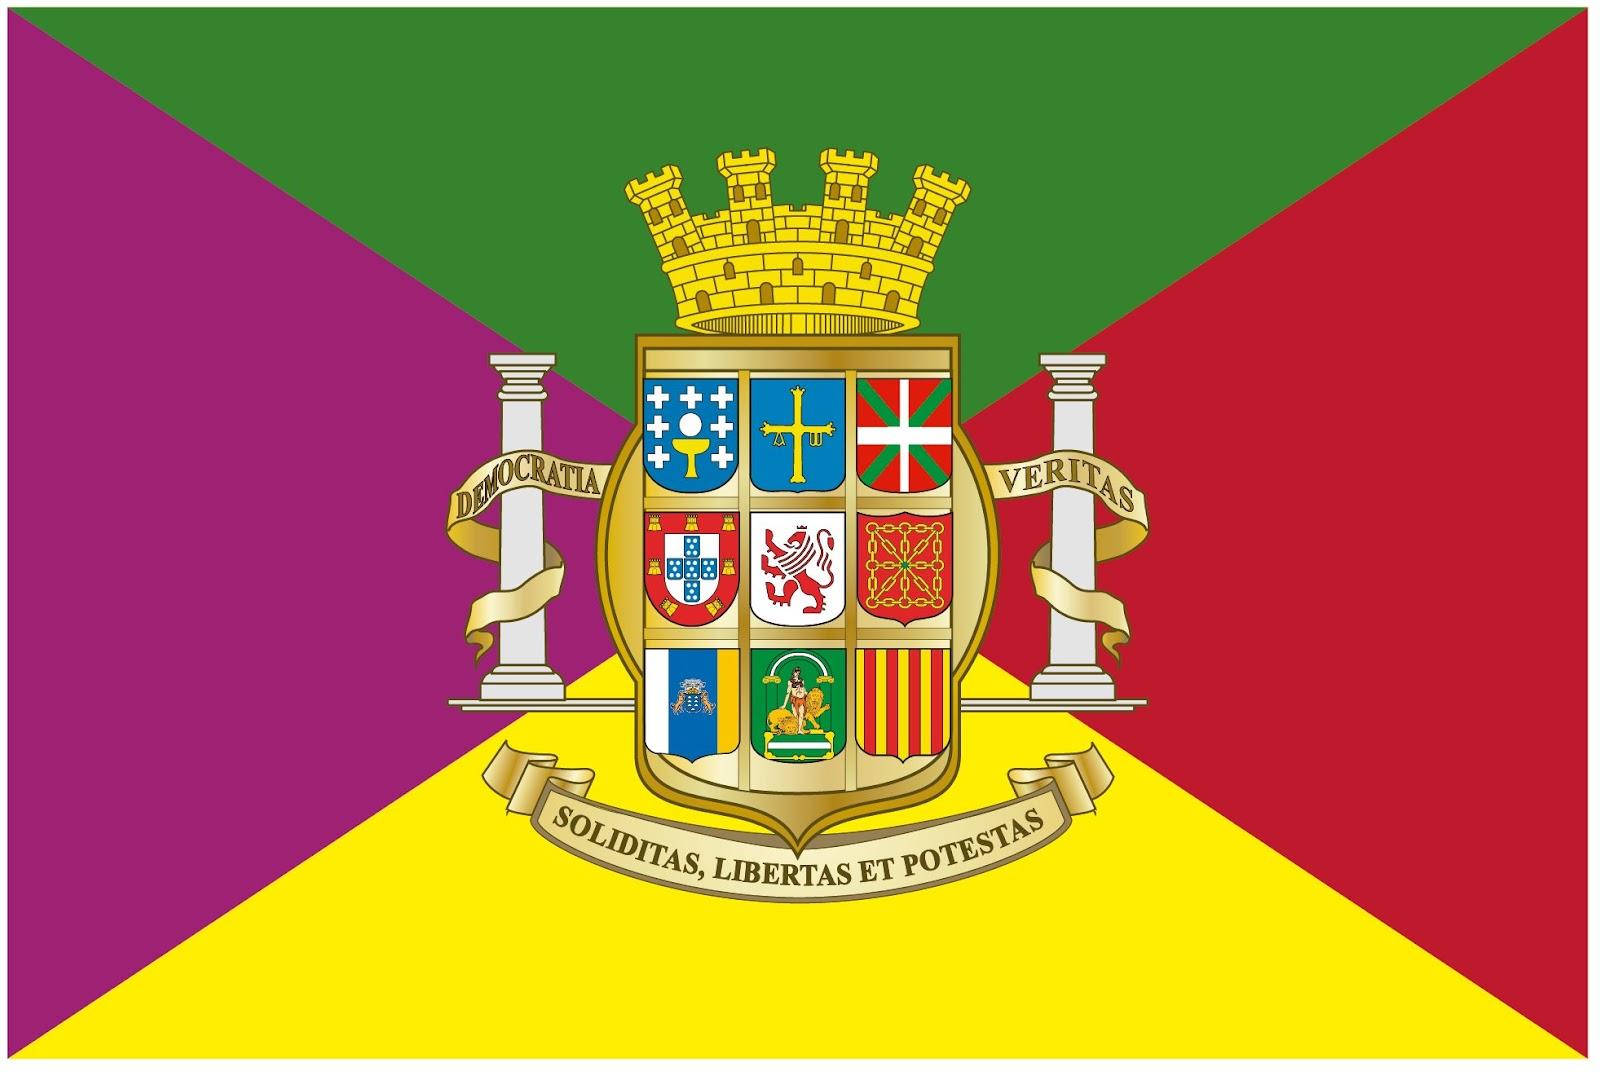 ESPAÑA NUNCA SE OLVIDA DRY+Union+Iberica+bandera